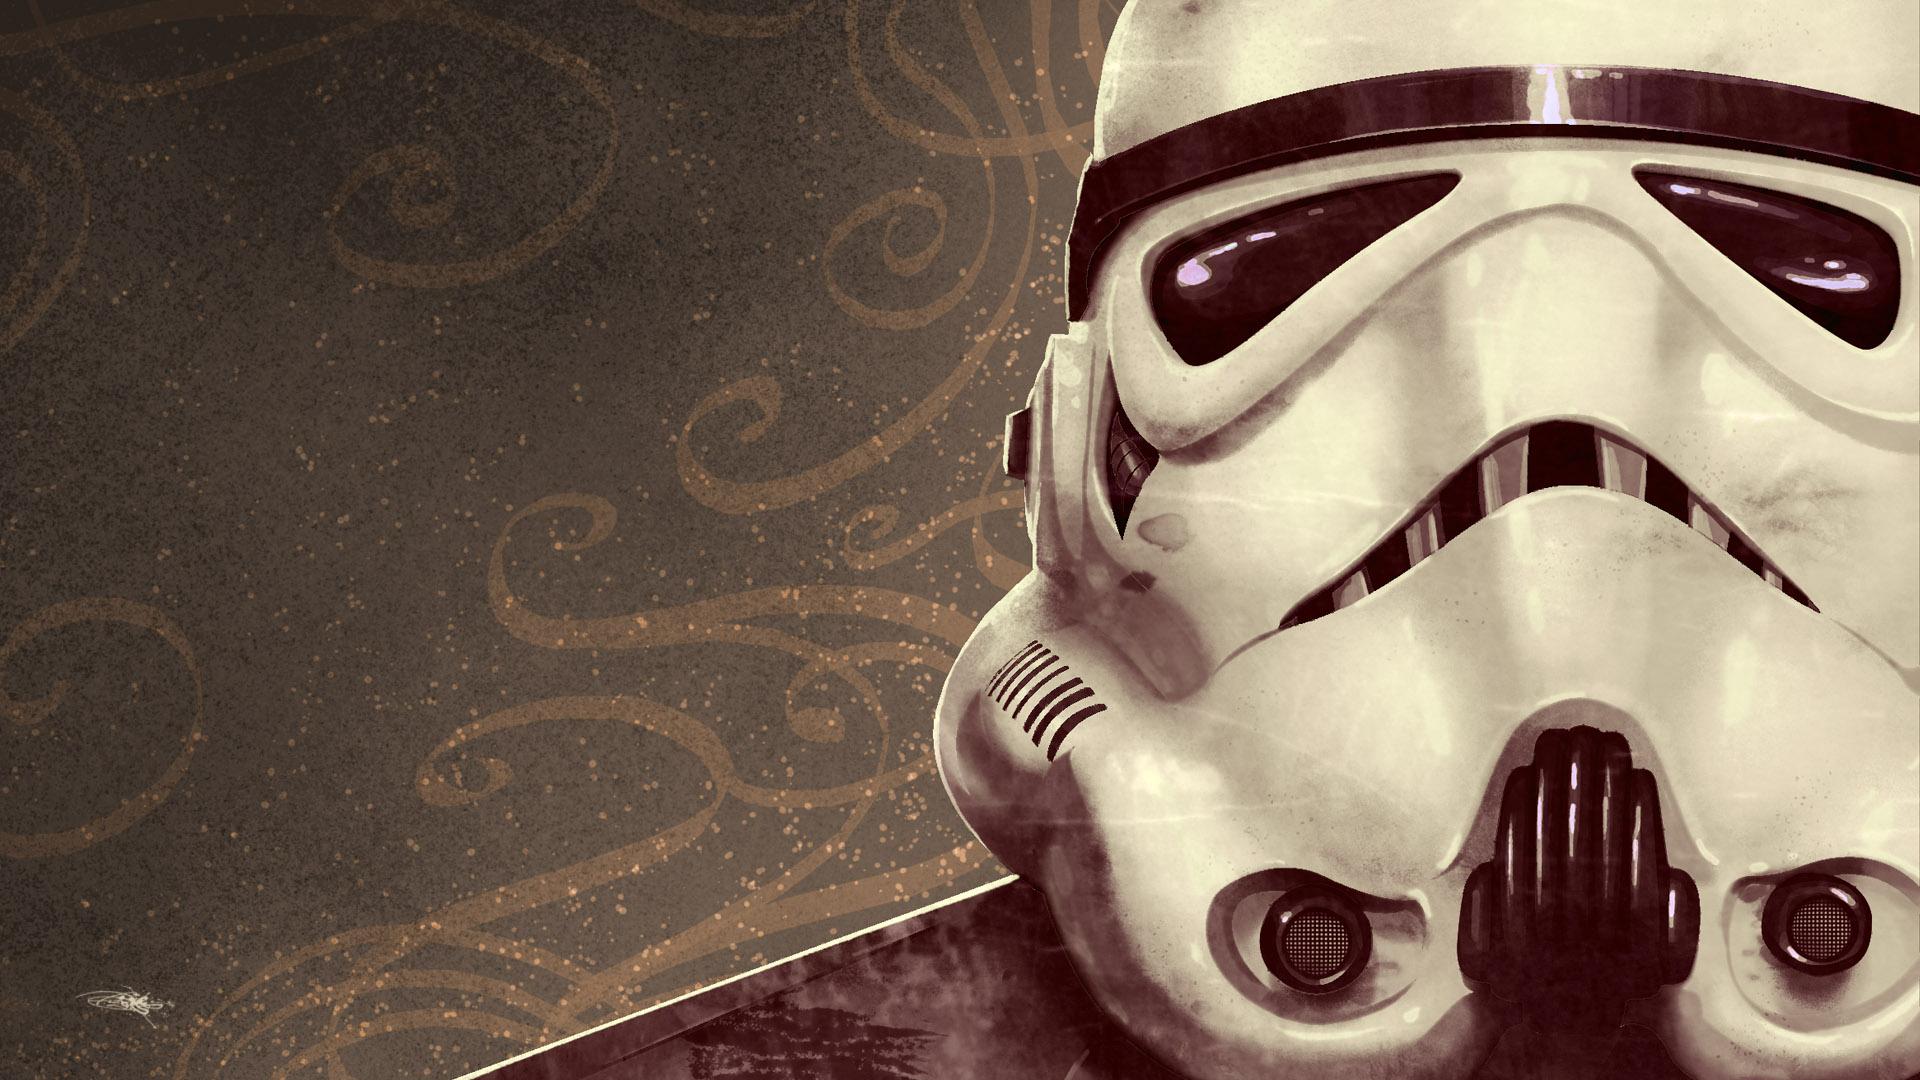 Wallpapers Full HD Wallpapers 1080p 16945 star wars stormtrooperjpg 1920x1080